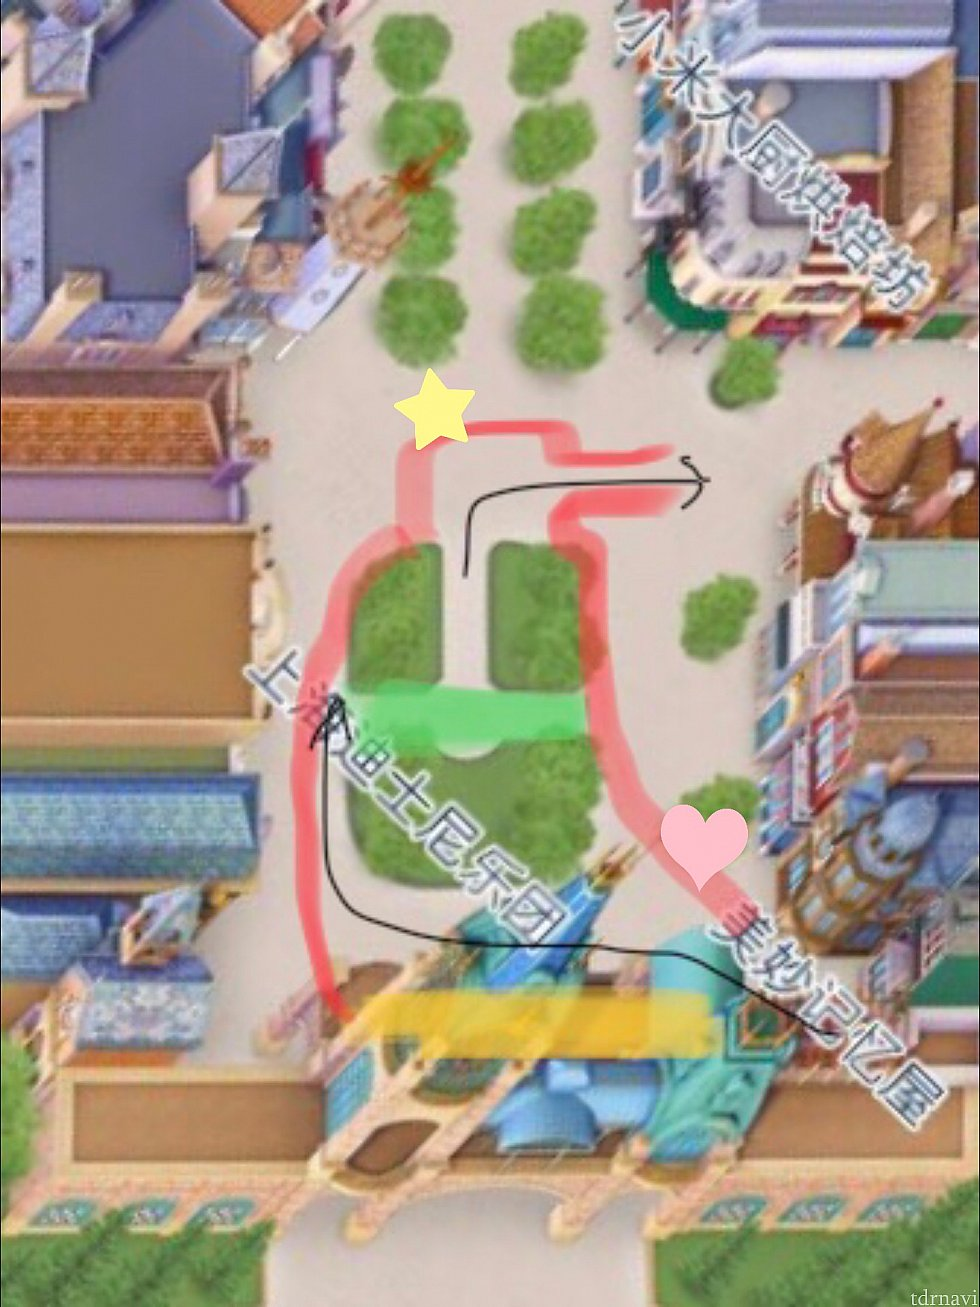 赤いラインから外が鑑賞可能。 黄色のエリア2階にミキミニが、緑のエリアがステージに。 黒い矢印の方向にキャラが入退場します。